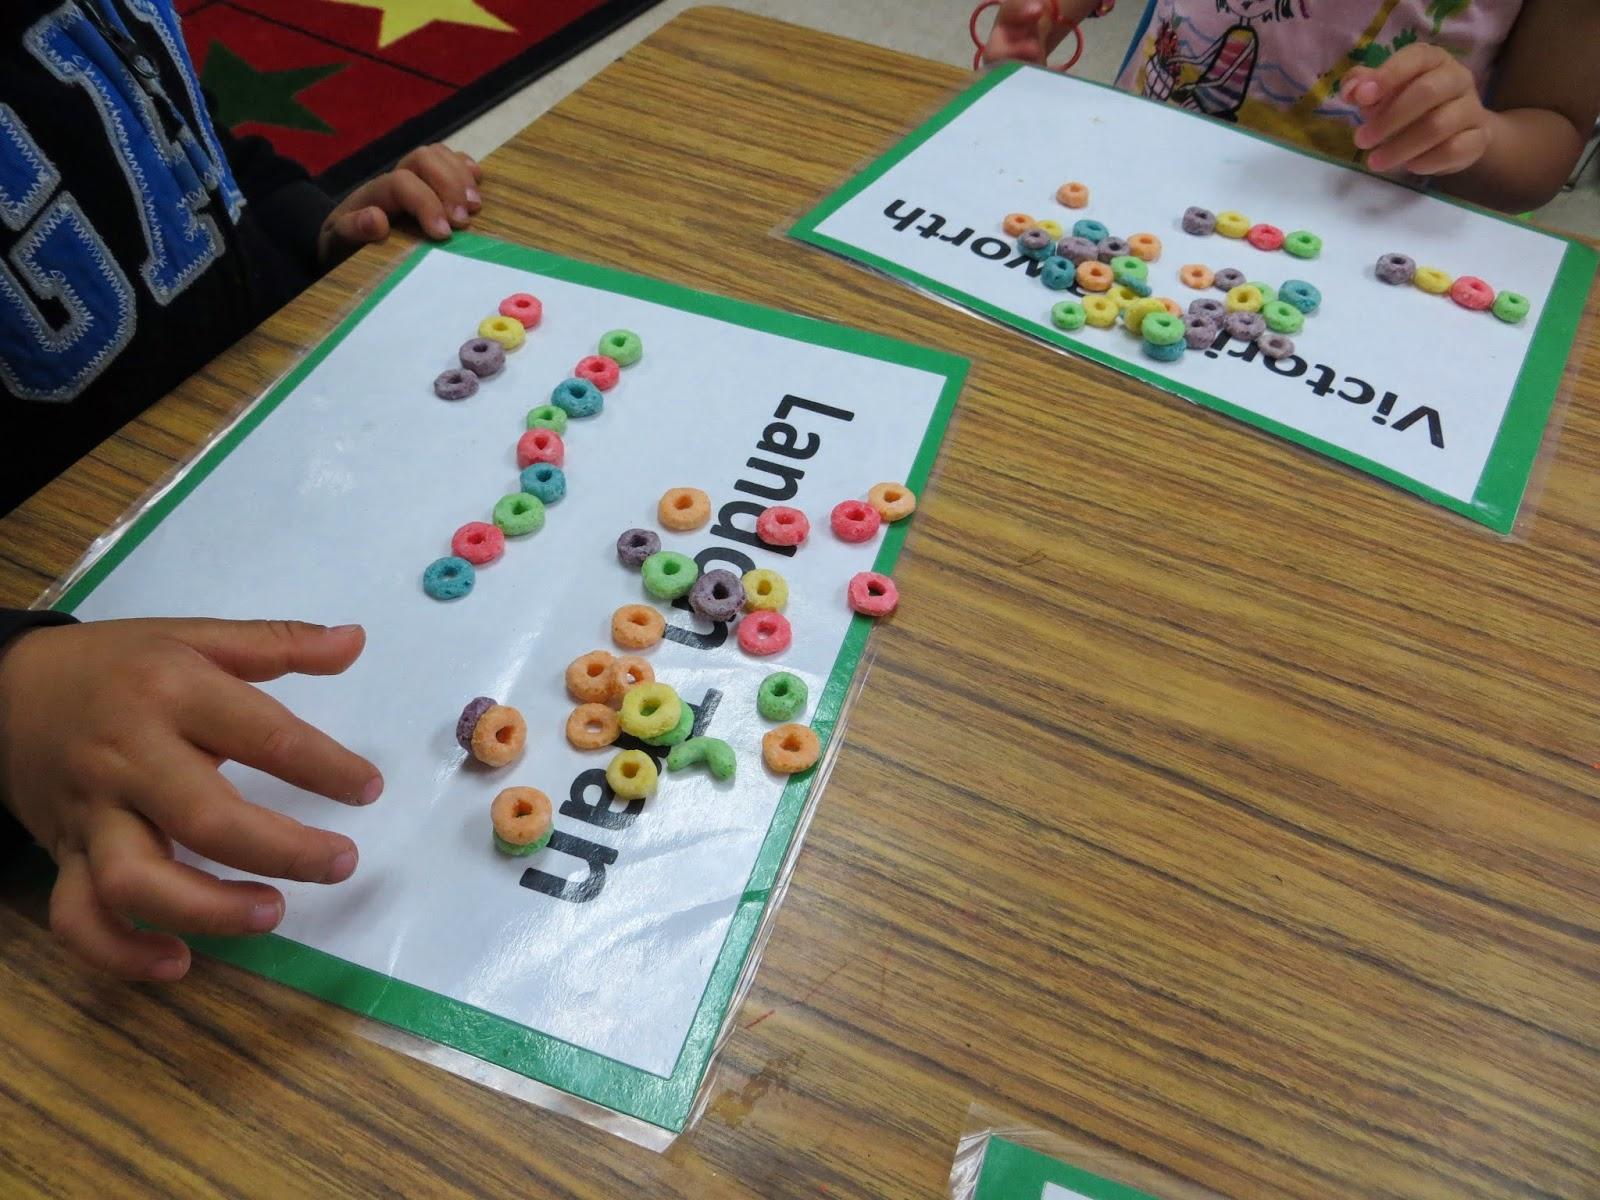 Preschool For Rookies Rainbows Fruit Loops Patterns